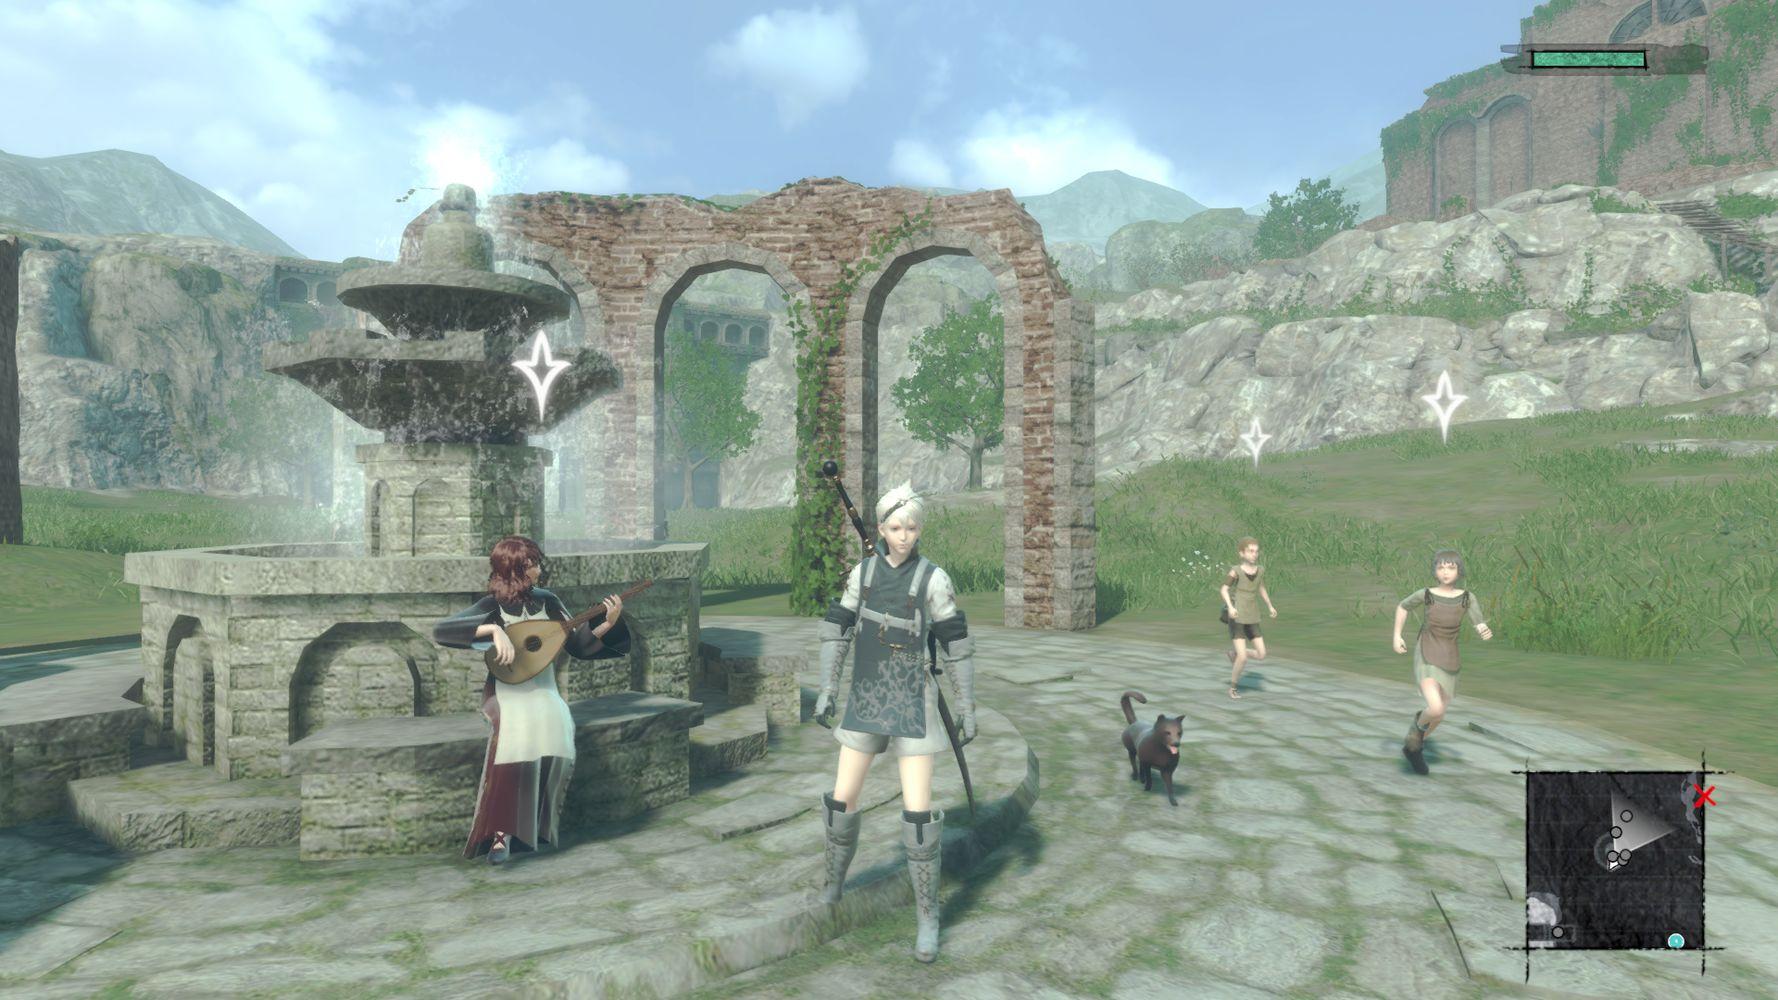 Il villaggio del protagonista in NieR Replicant ver. 1.22474487139…